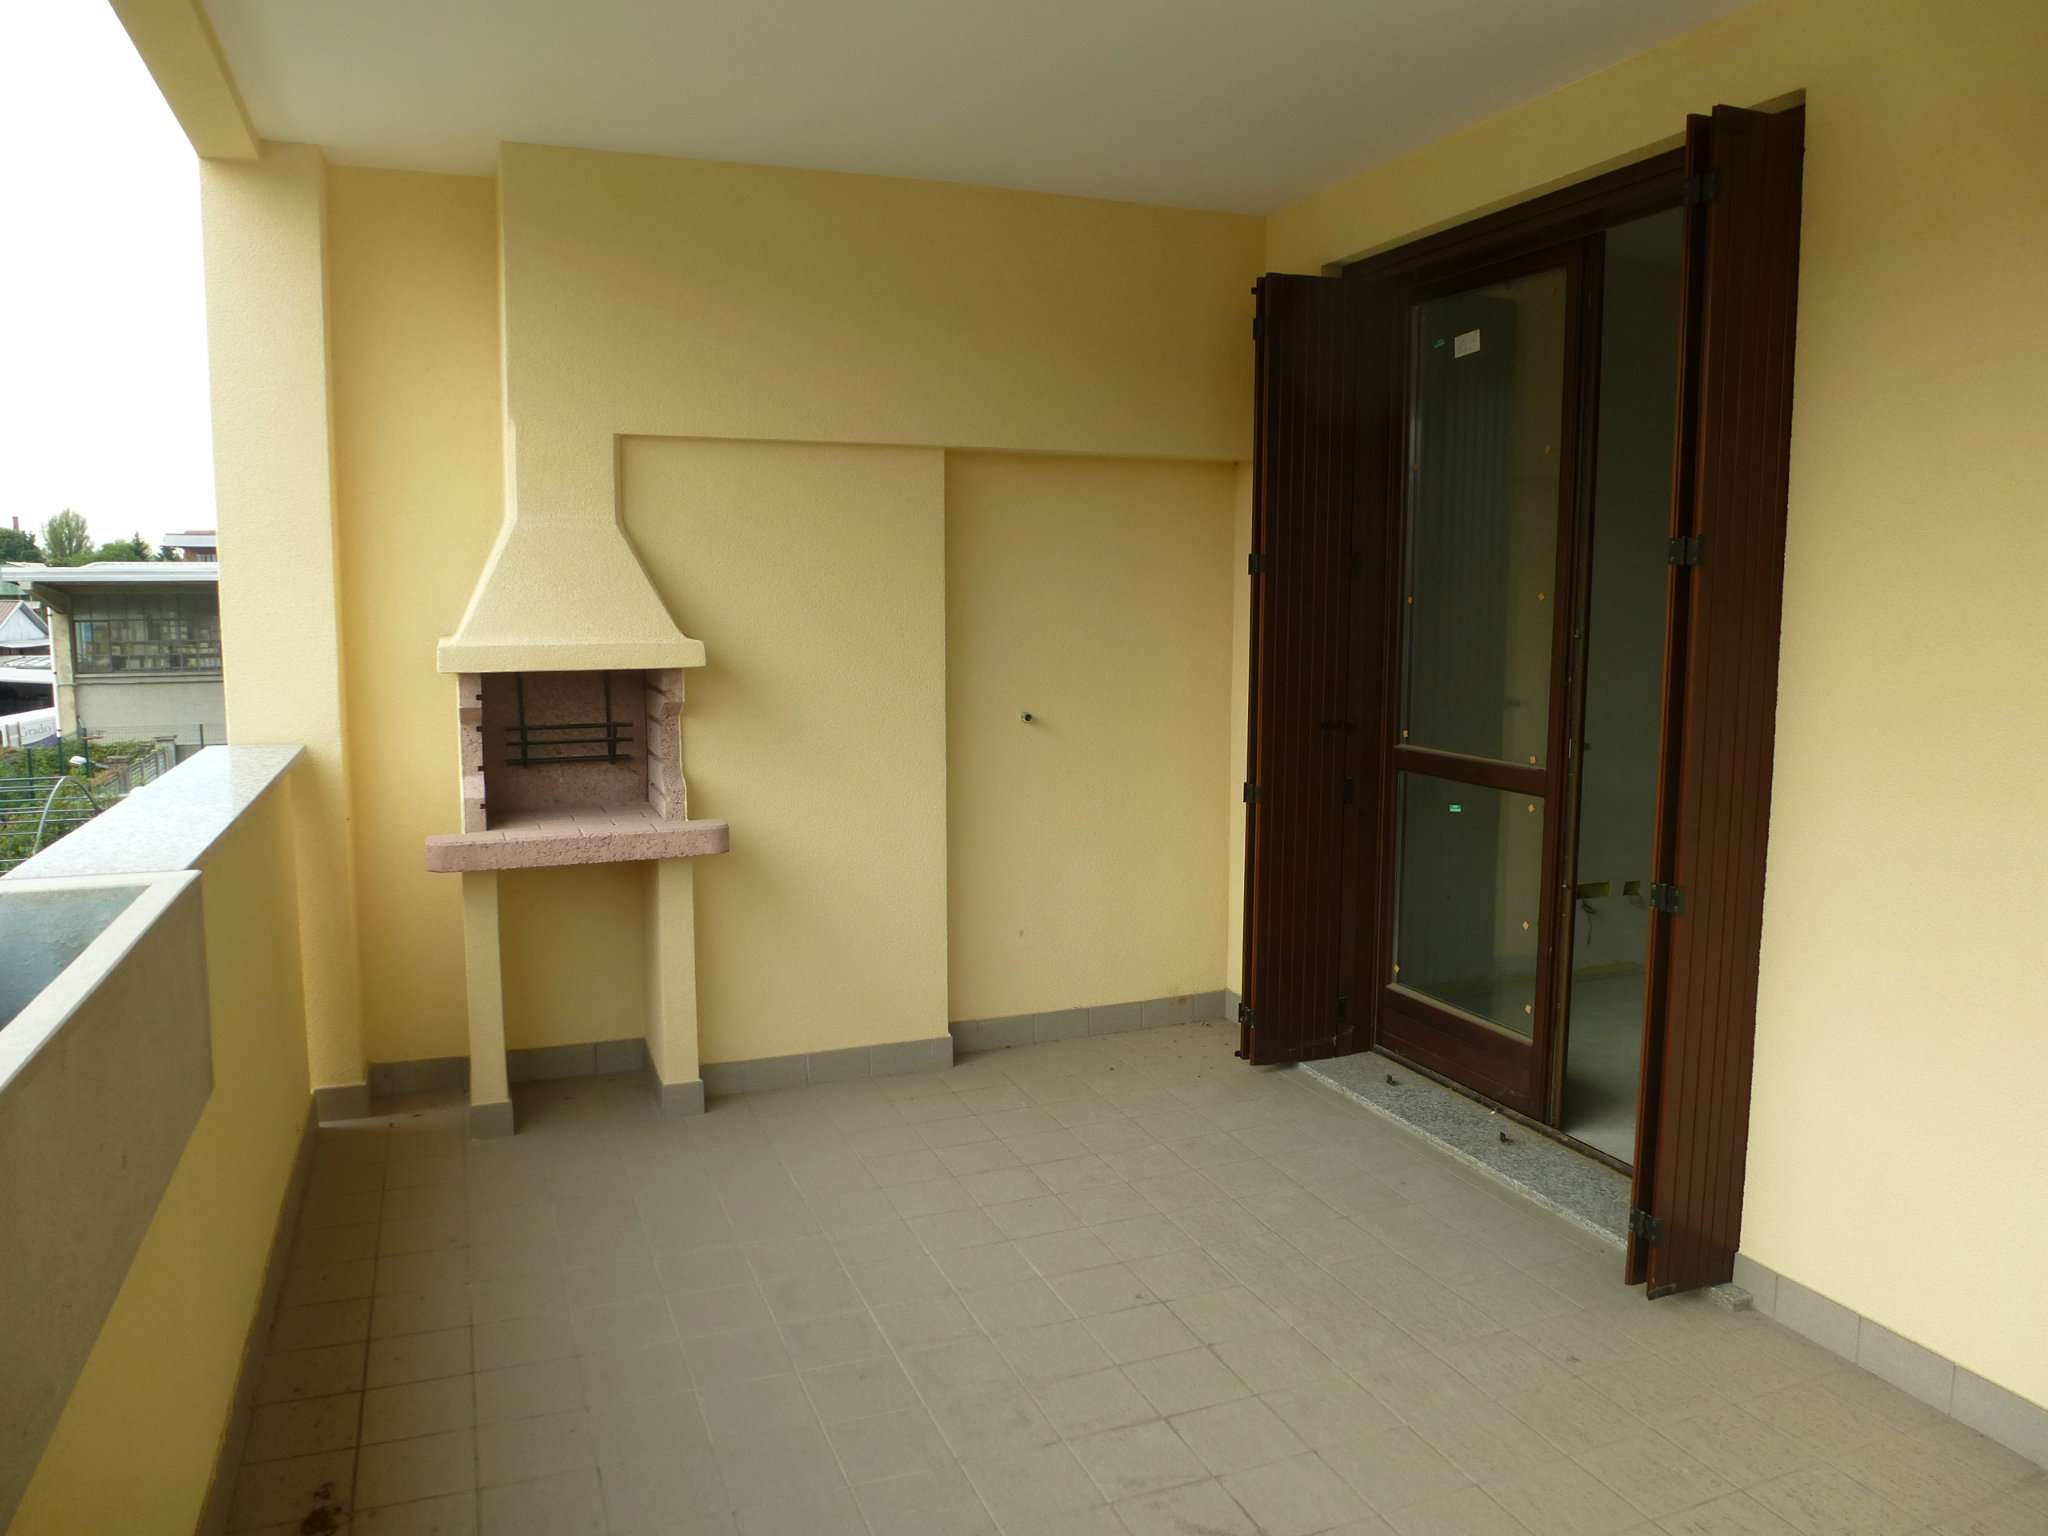 Appartamento in vendita a Bollate, 3 locali, prezzo € 267.000 | CambioCasa.it